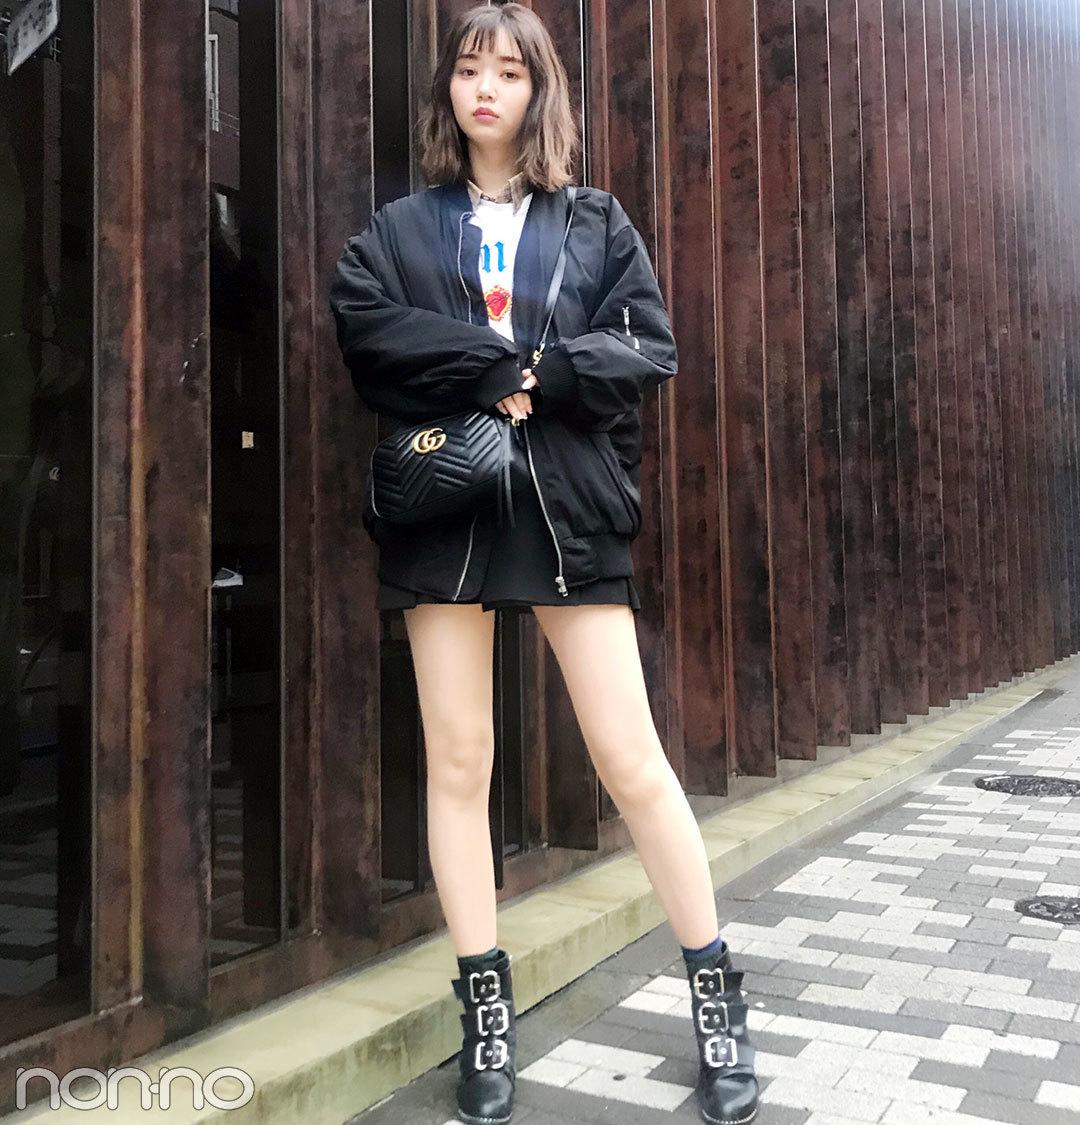 本日の江野沢愛美は韓国のメンズ風コーデ。美脚生かしのミニ+ブーツがクール!【モデルの私服スナップ】_1_1